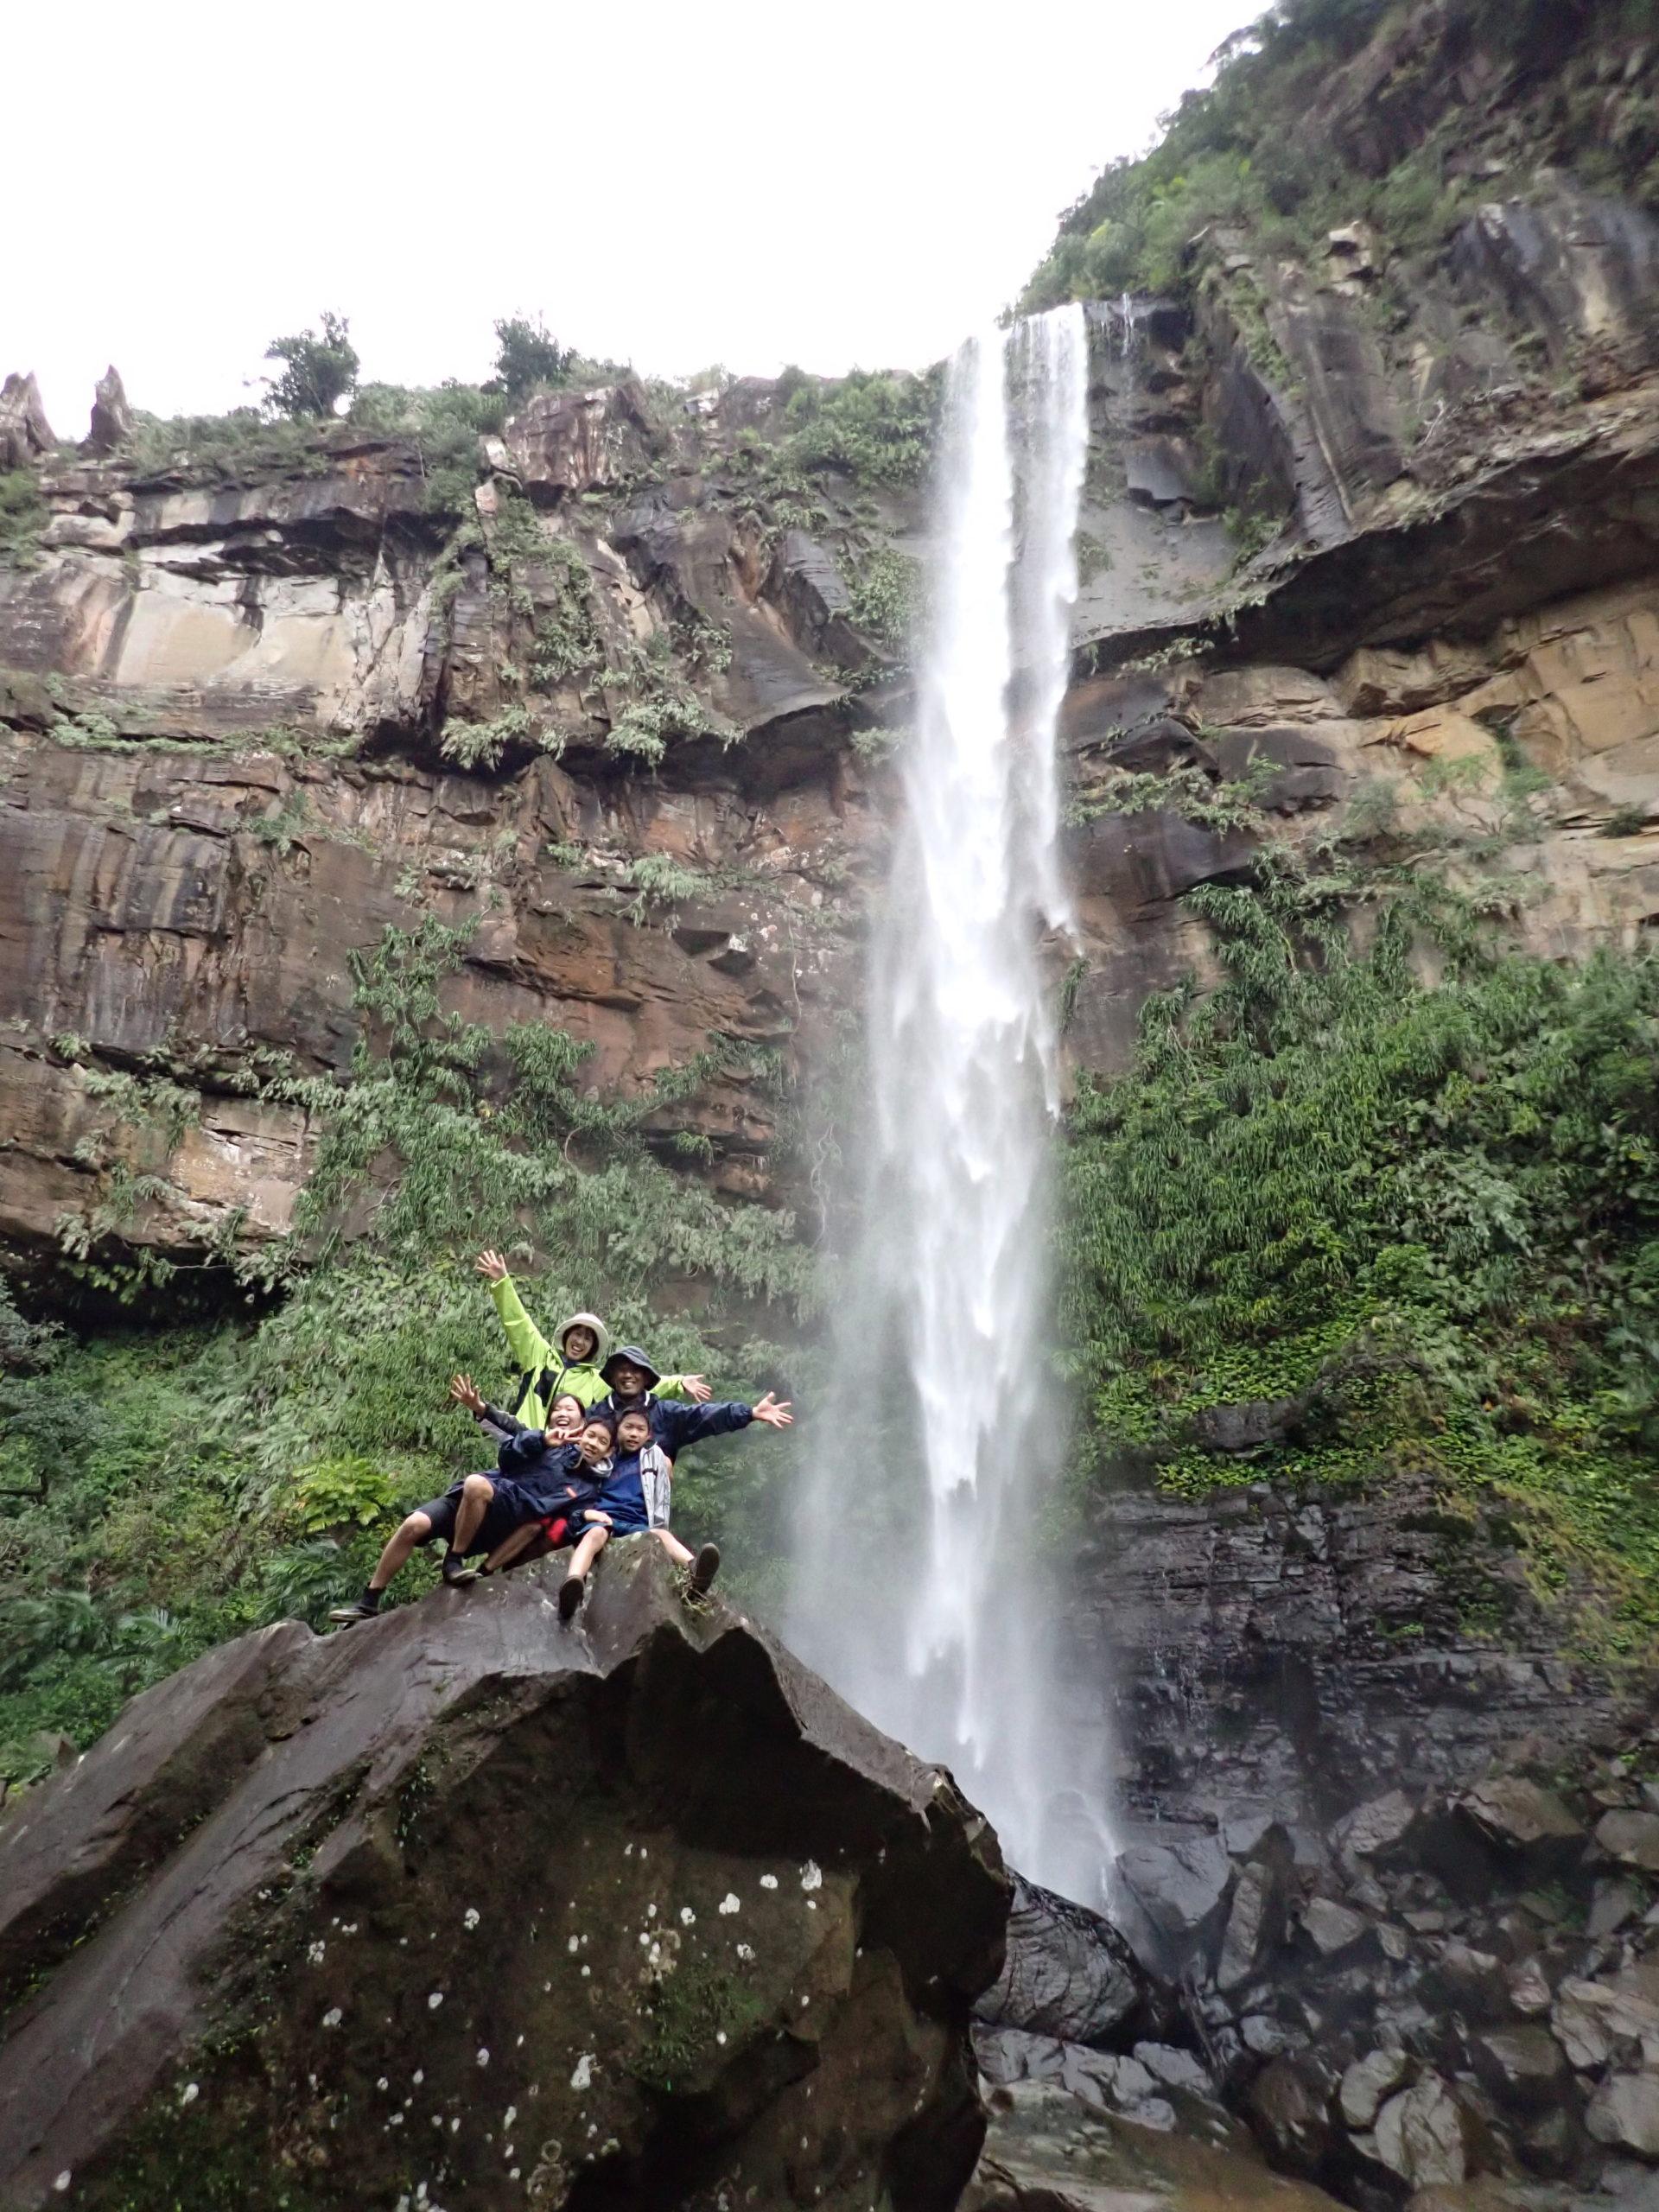 2021年ピナイサーラの滝はじめ!家族でカヌーとトレッキングを満喫!家族旅行にもぴったりの西表島